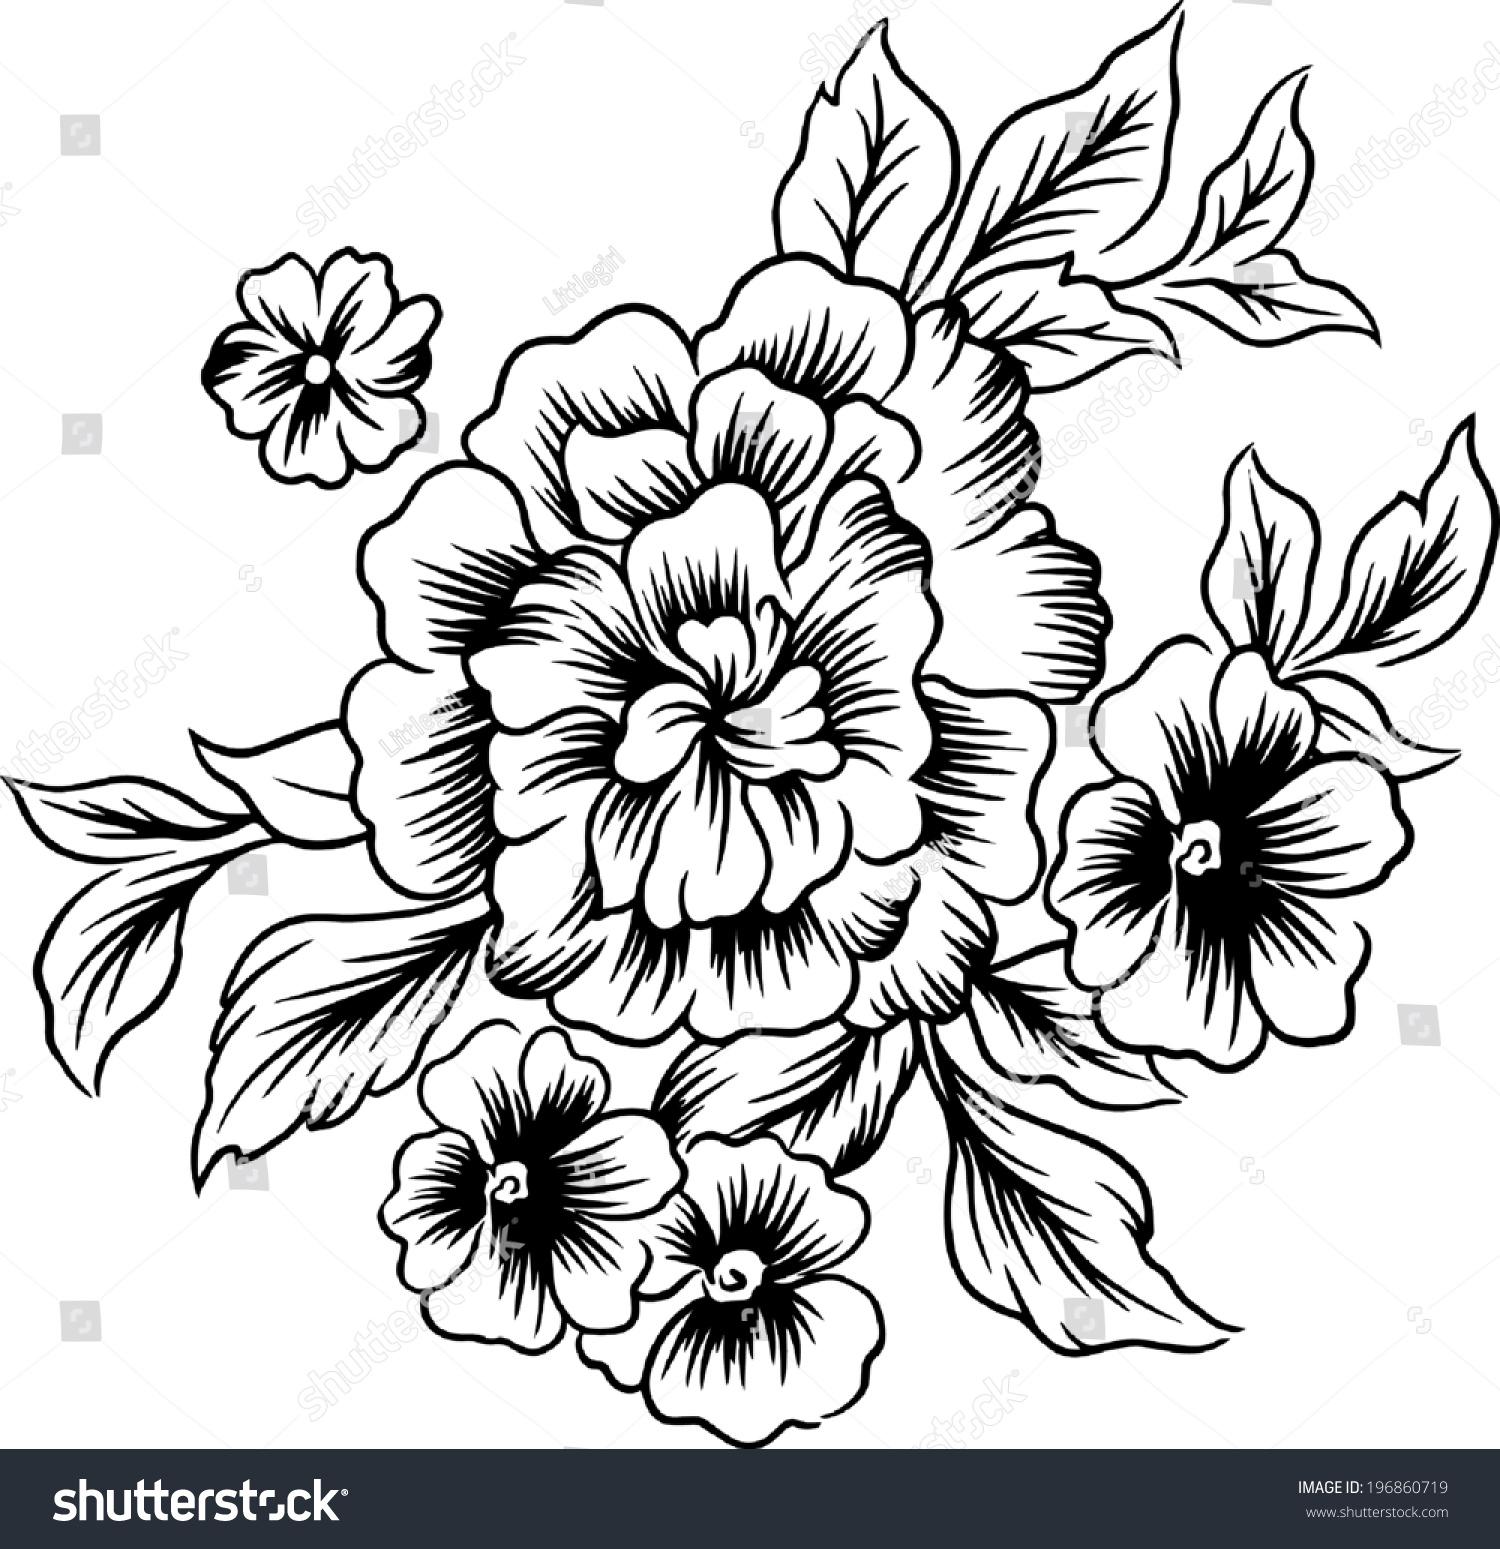 Big flowerlines beautiful designshand drawings stock vector royalty big of flowernes beautiful designshand drawings izmirmasajfo